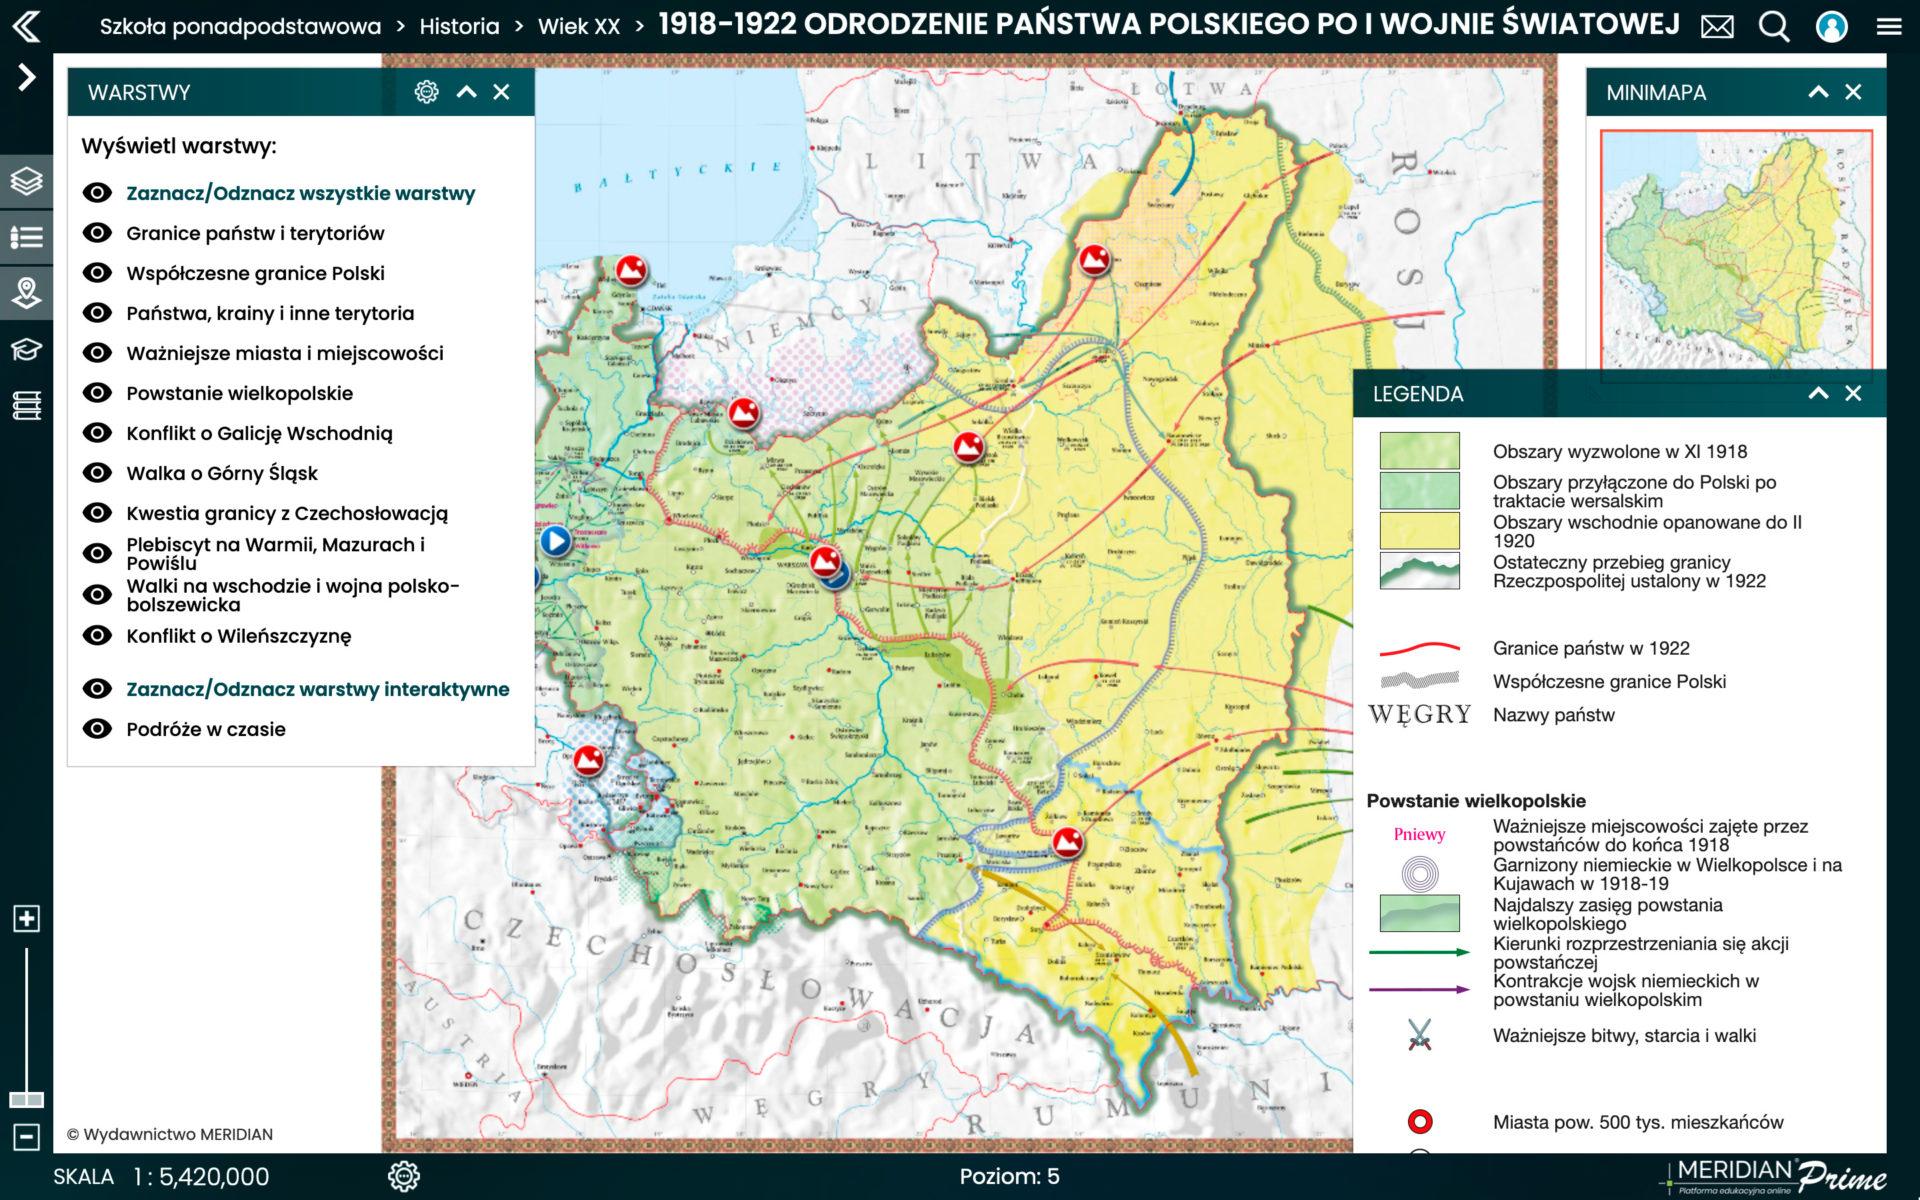 1918-1922 Odrodzenie państwa polskiego po I wojnie światowej